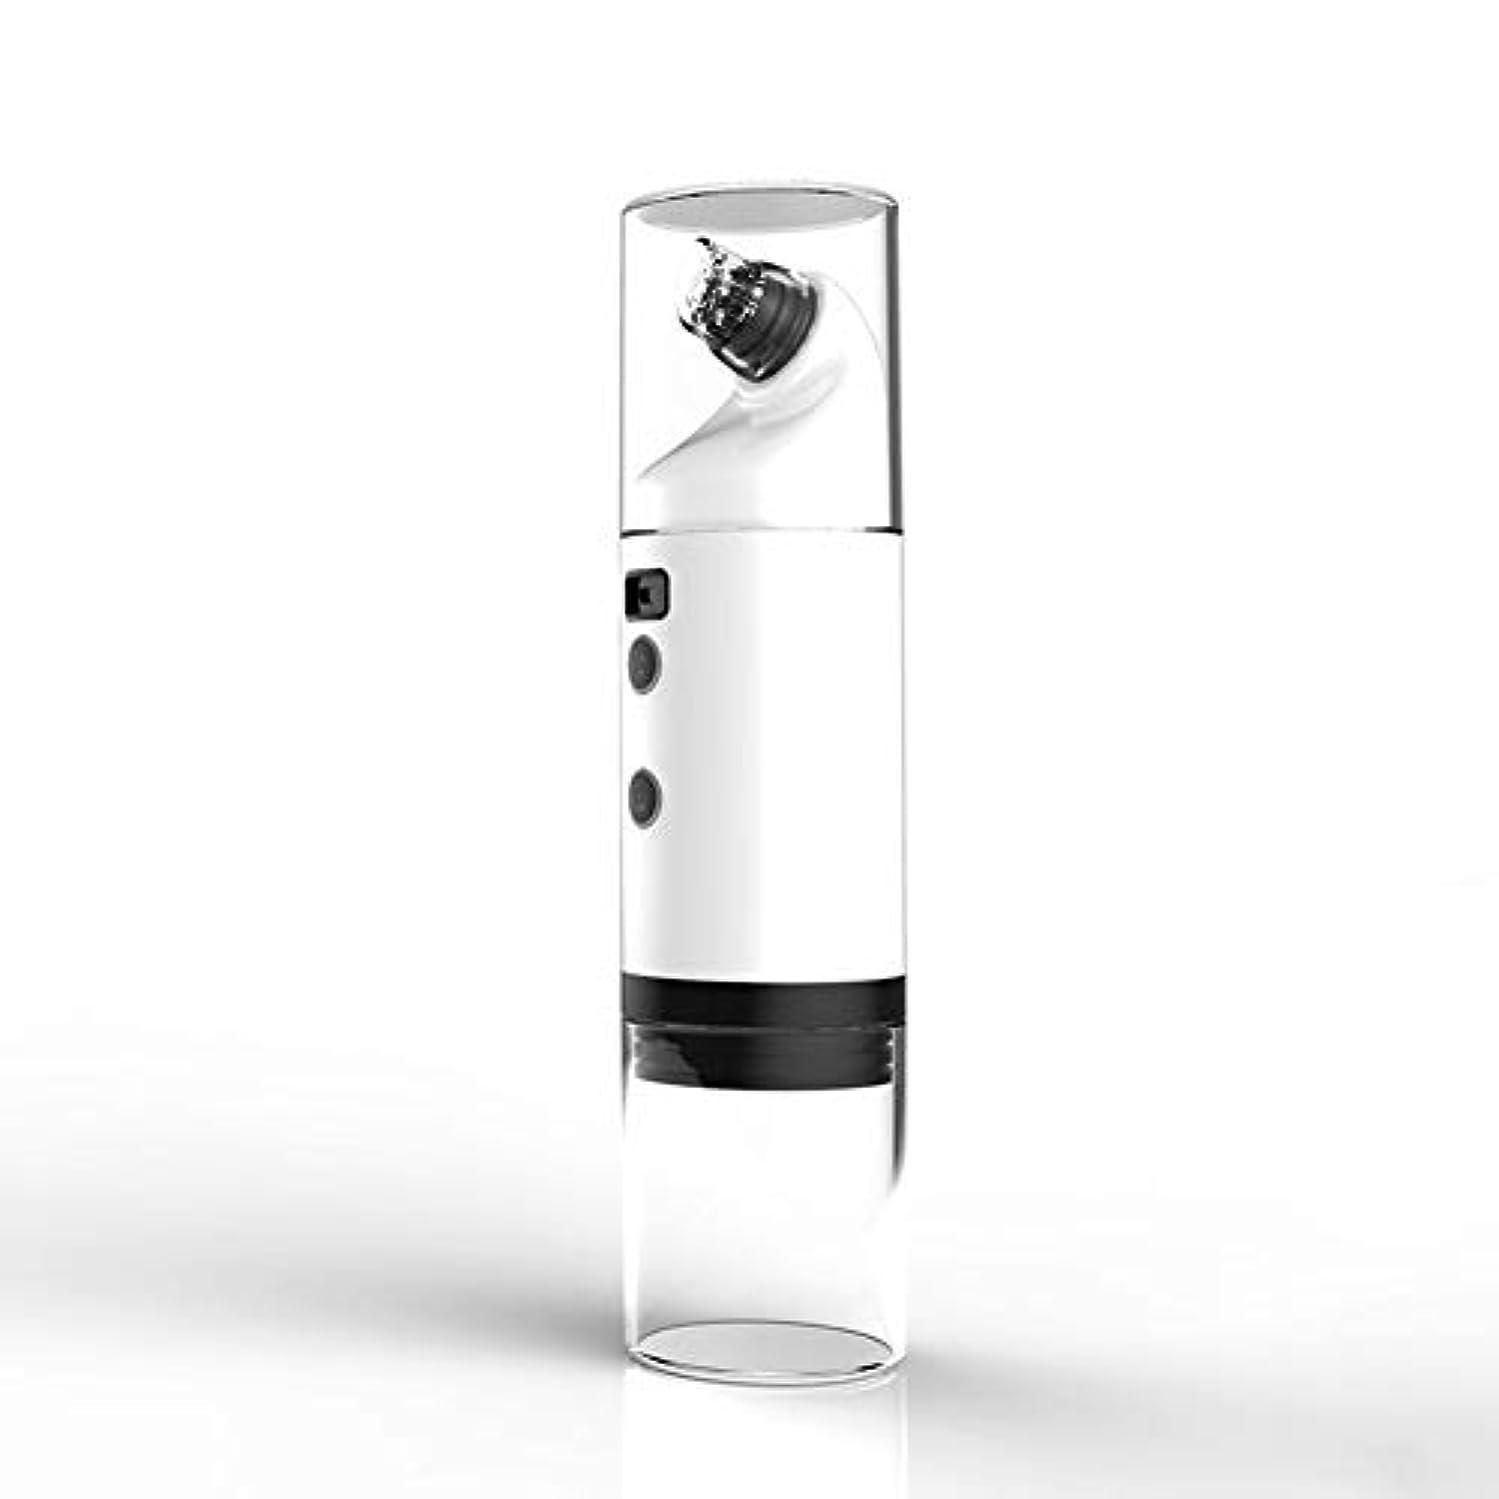 ベイビークスコリンスにきび楽器、電気吸引にきび世帯、毛穴クリーニング小さな泡美容器具、、フェイス鼻のためのLEDディスプレイと充電式USBおでこホワイトヘッドクリーン